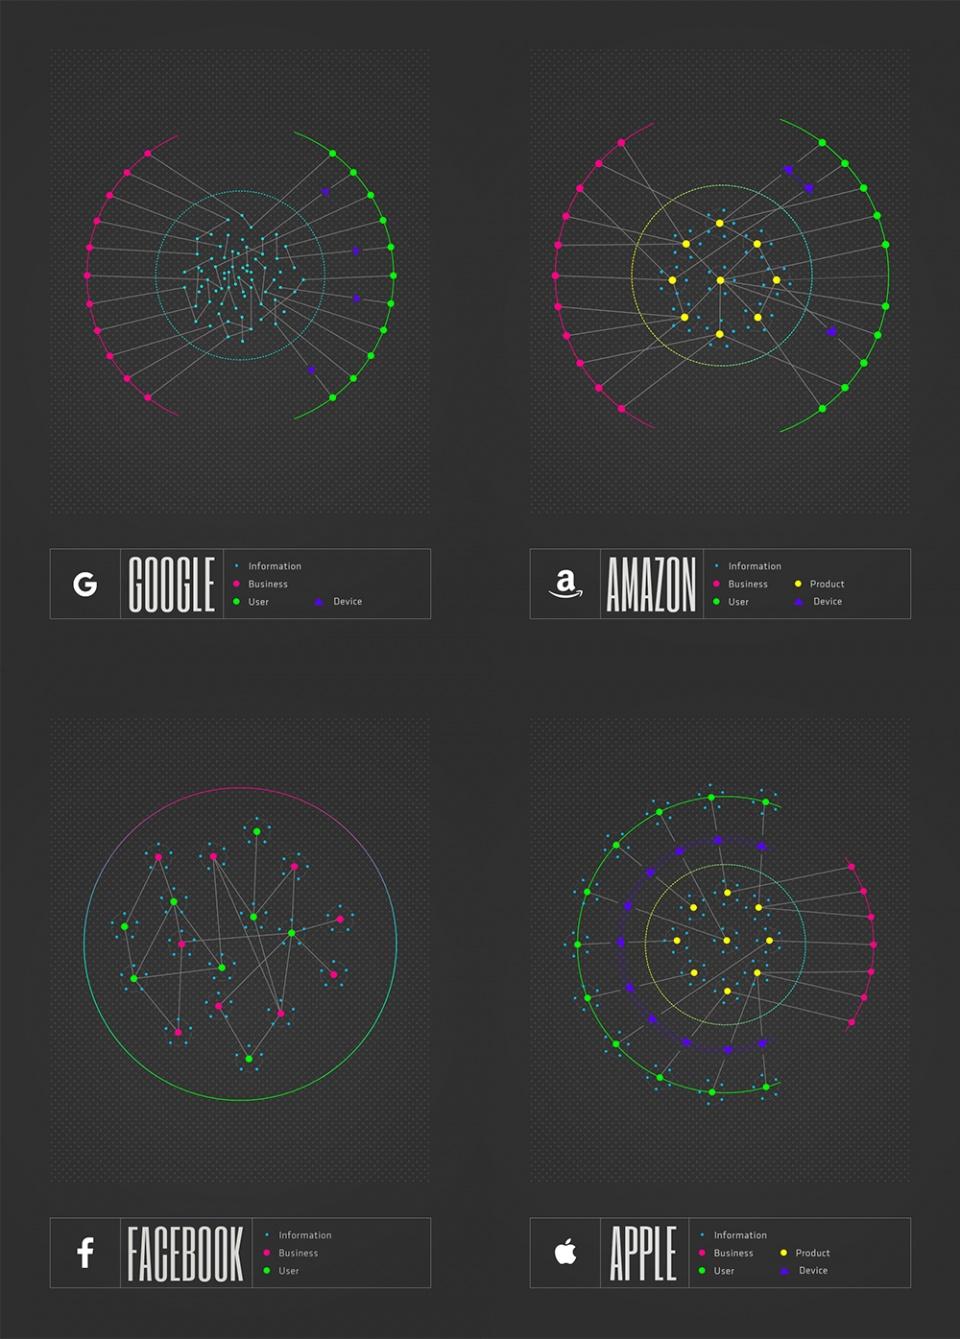 4 graphs